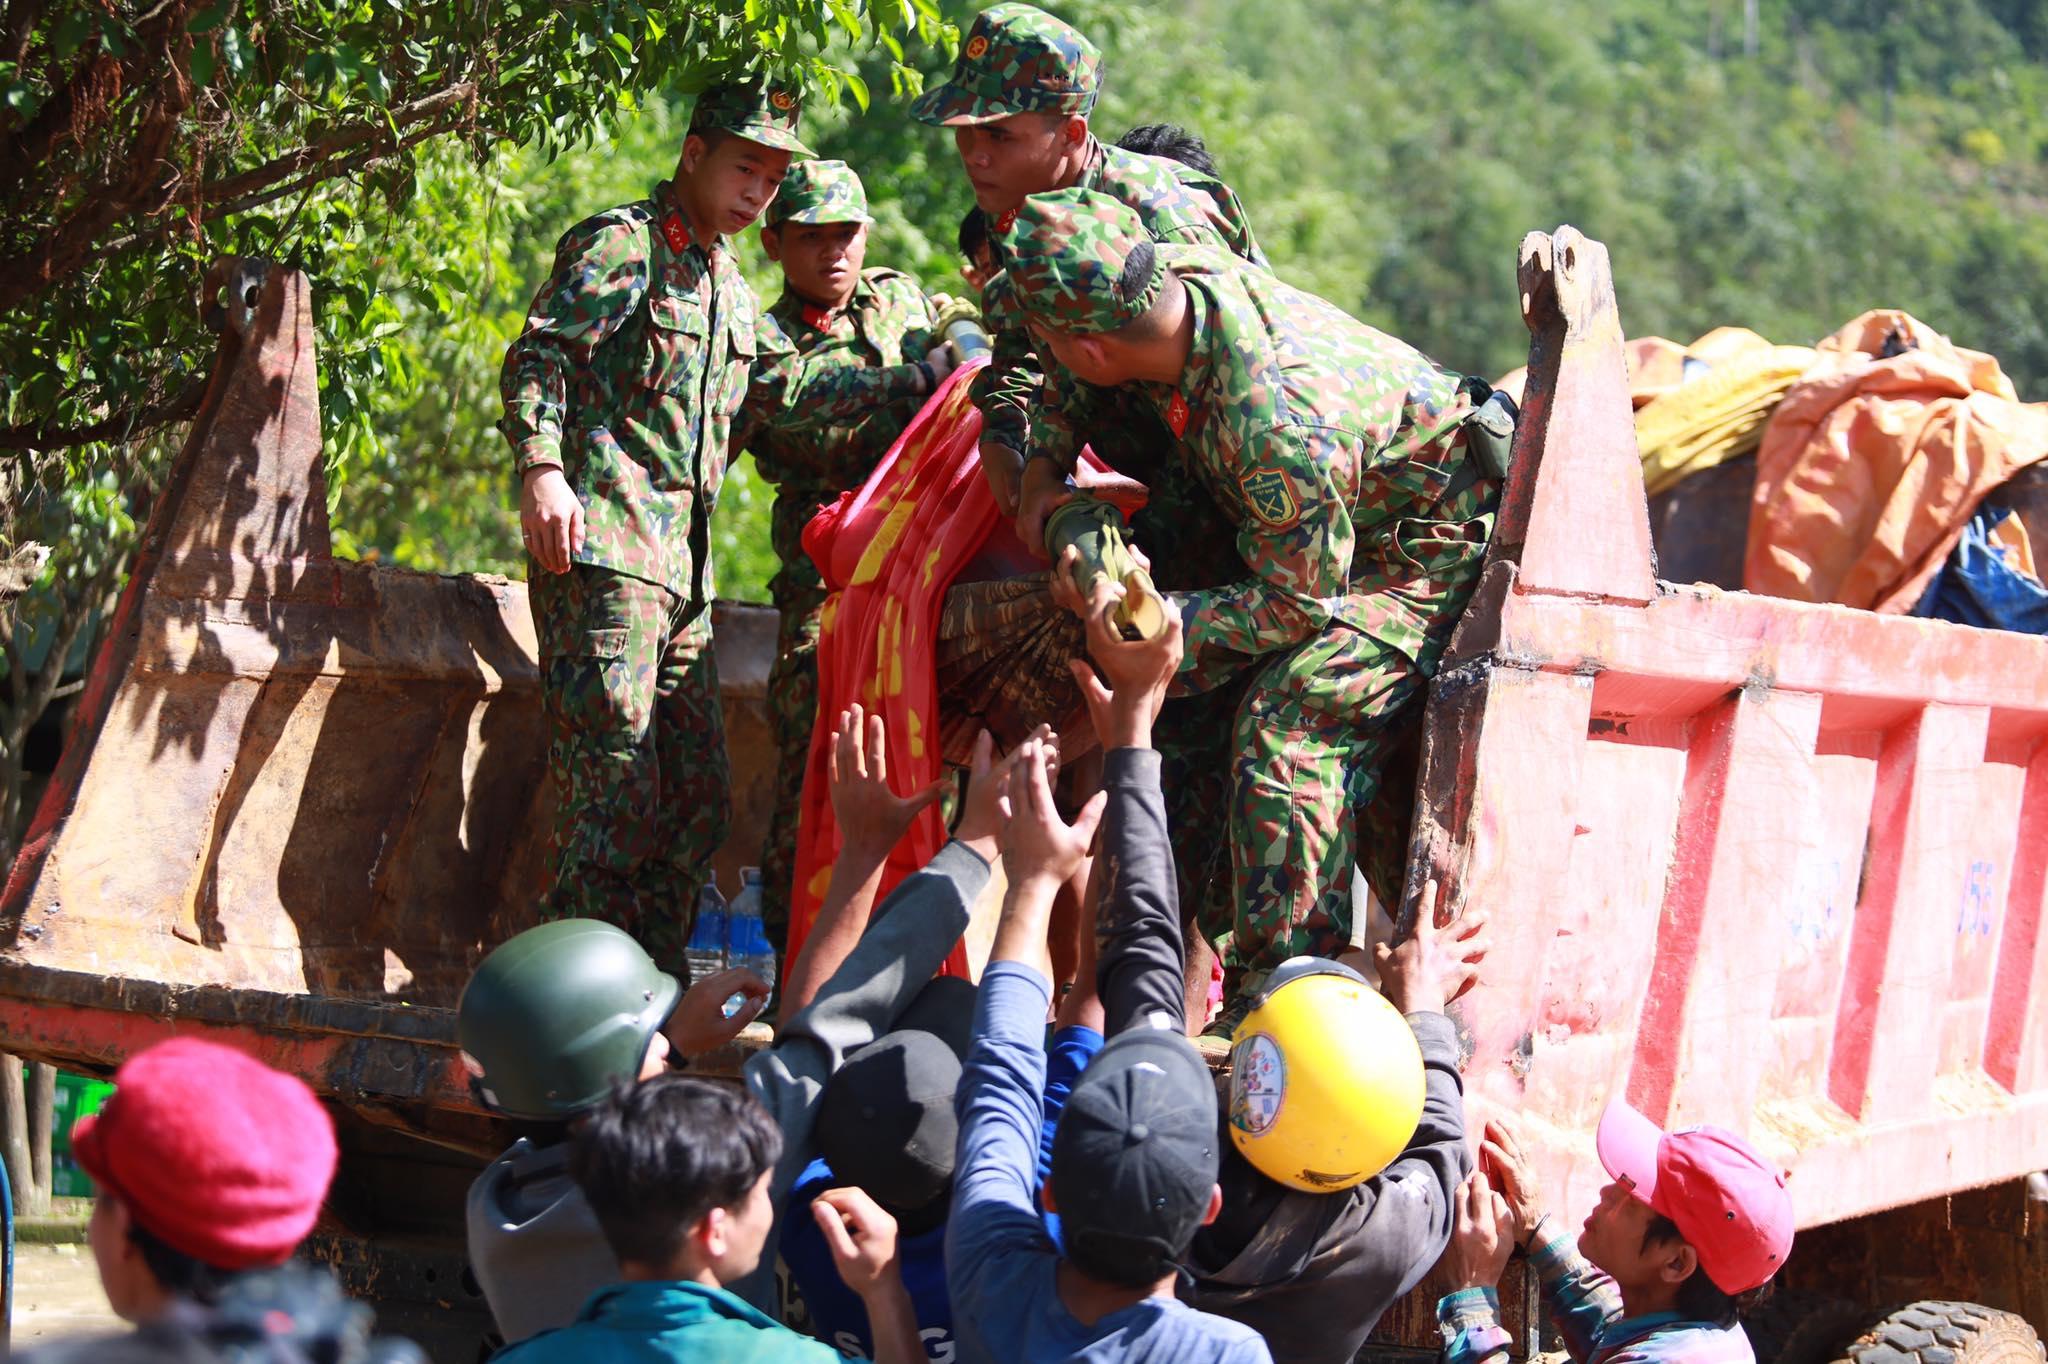 Ảnh cập nhật nóng từ hiện trường ở Trà Leng: 33 nạn nhân được đưa ra Quốc lộ bằng võng để cứu hộ y tế - Ảnh 10.